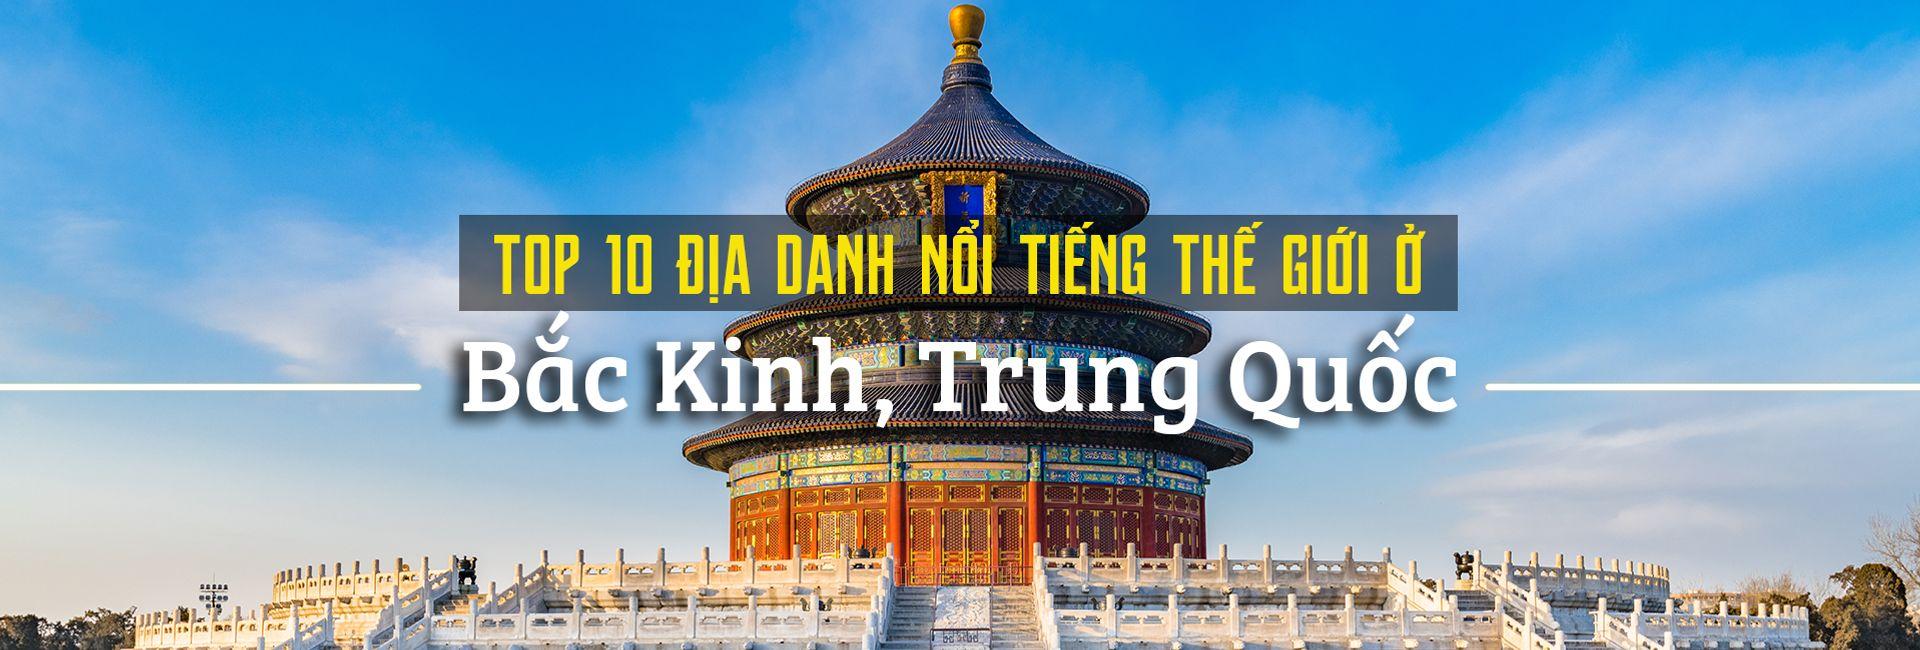 Top 10 địa điểm du lịch nổi tiếng nhất ở Bắc Kinh